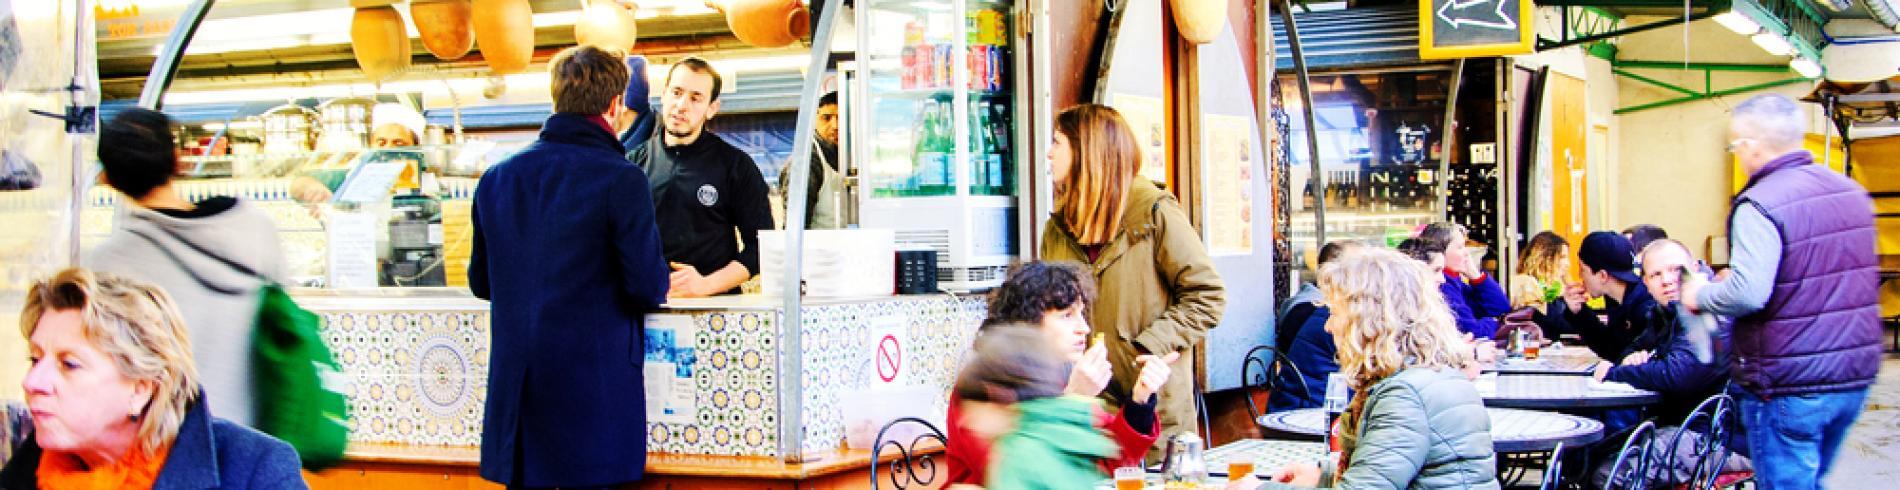 People eat at Marche des Enfants Rouges